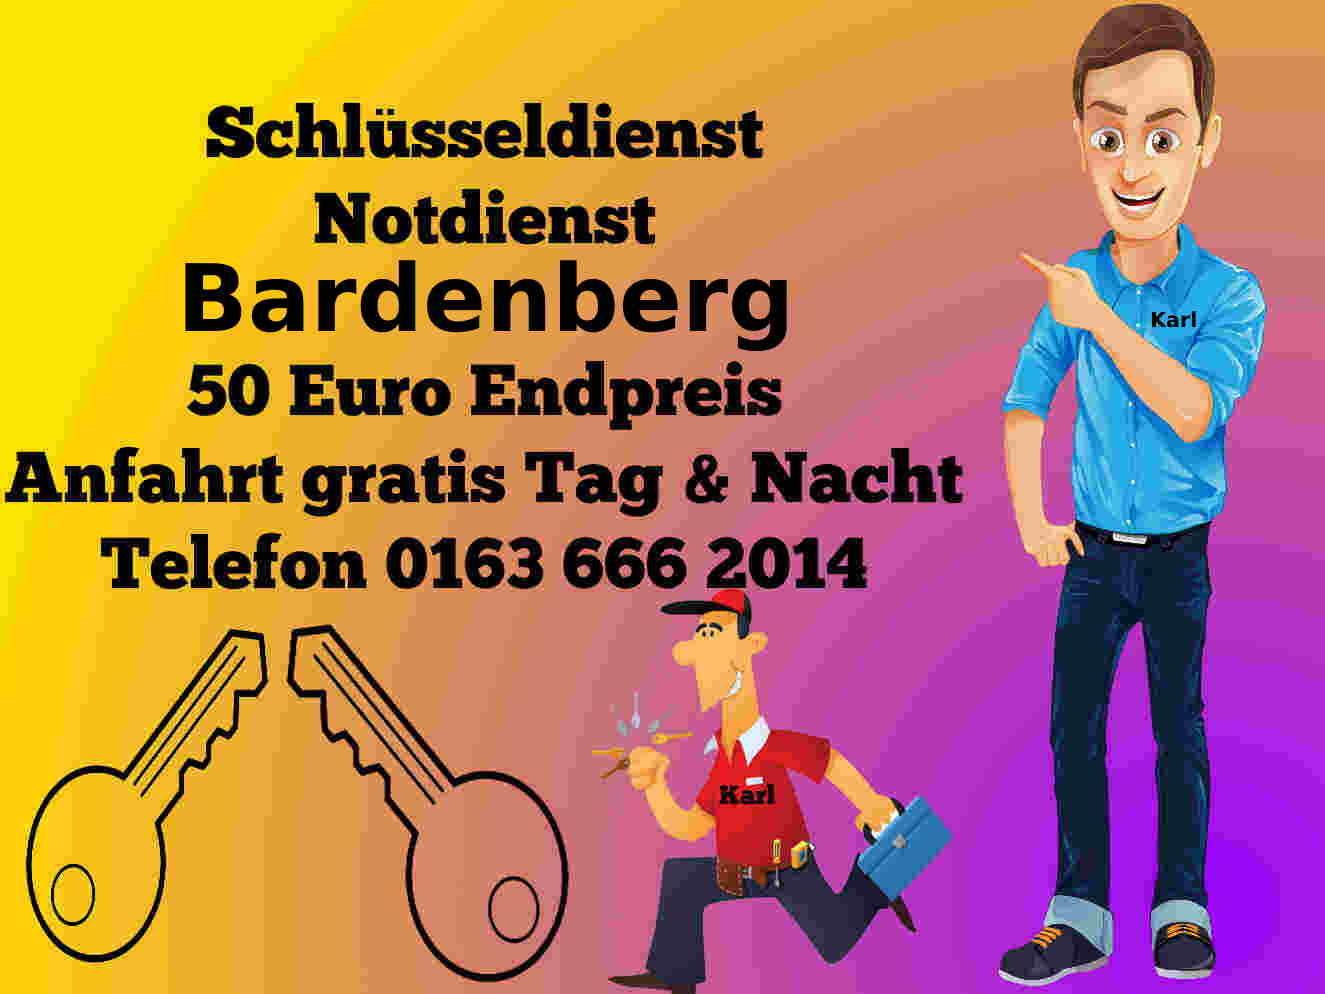 Schlüsseldienst Notdienst Bardenberg - 50 Euro Endpreis - Tür öffnen zum Festpreis Tag und Nacht